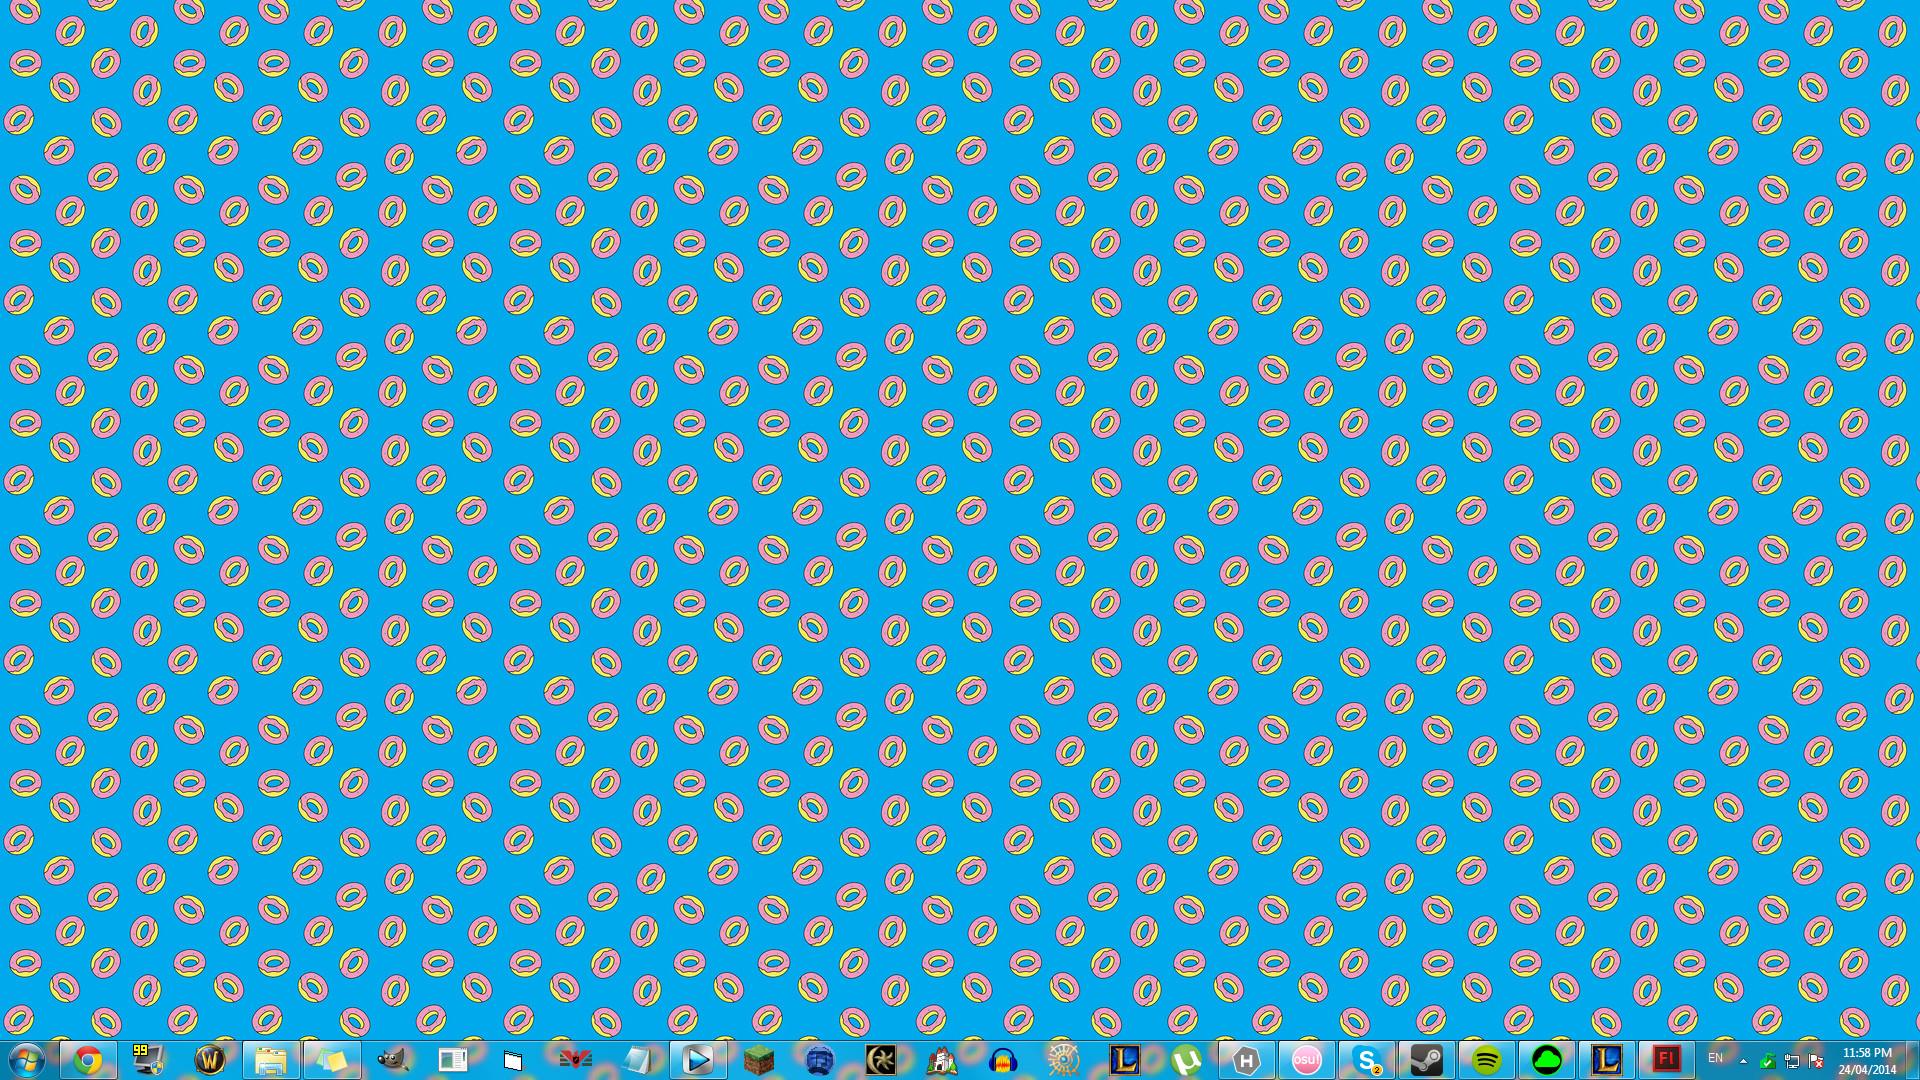 Ofwgkta Wallpaper Hd Odd Future Wallpaper Hd 69 Images